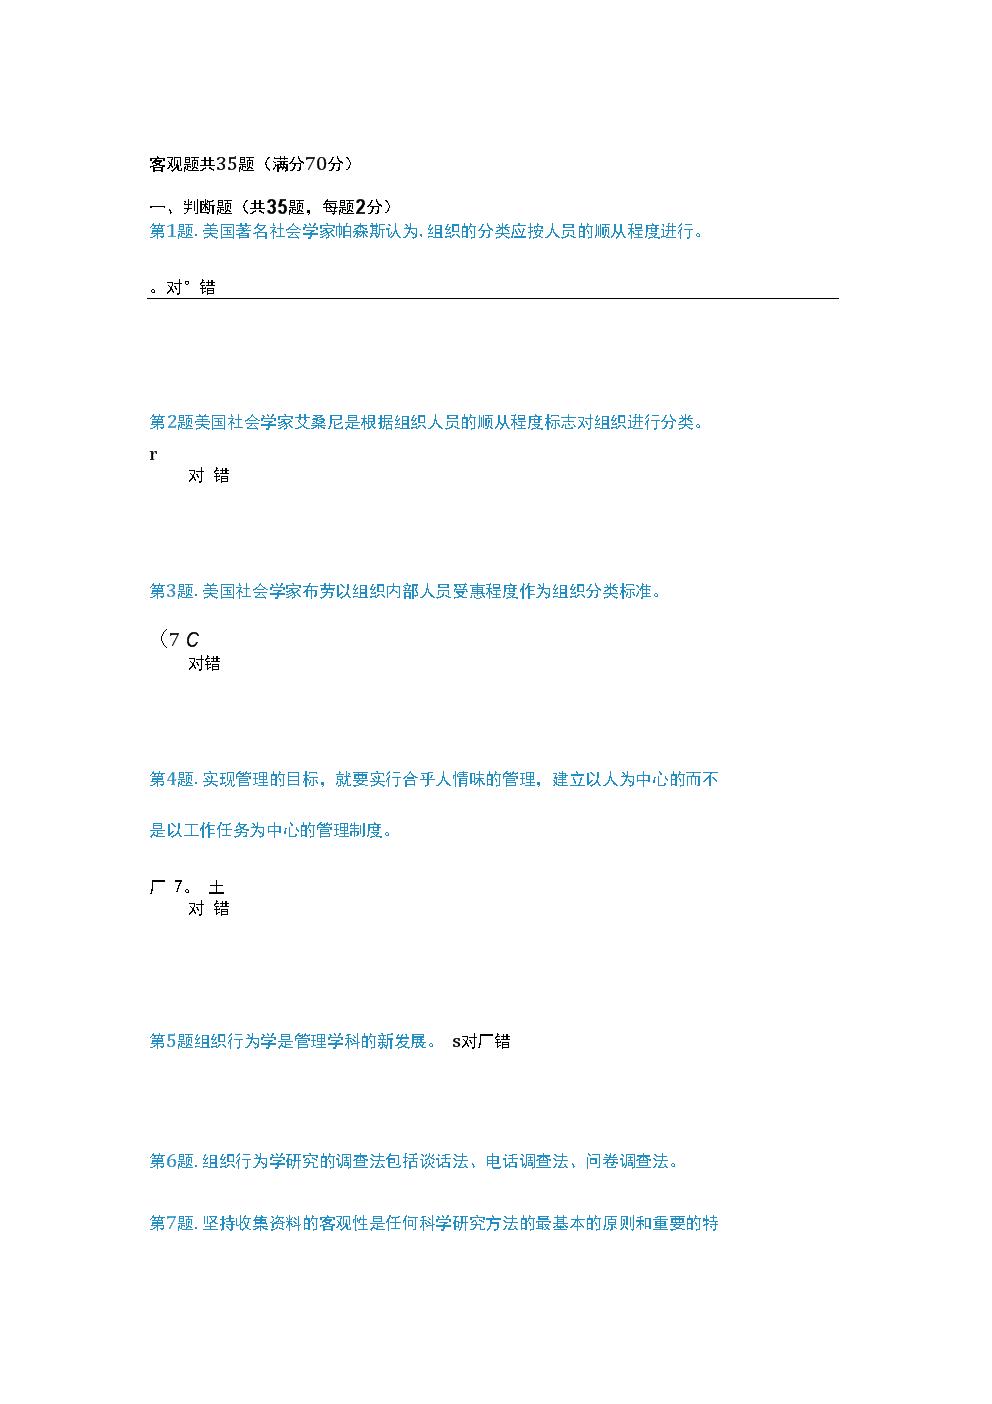 电大组织行为学形考任务知识交流.docx